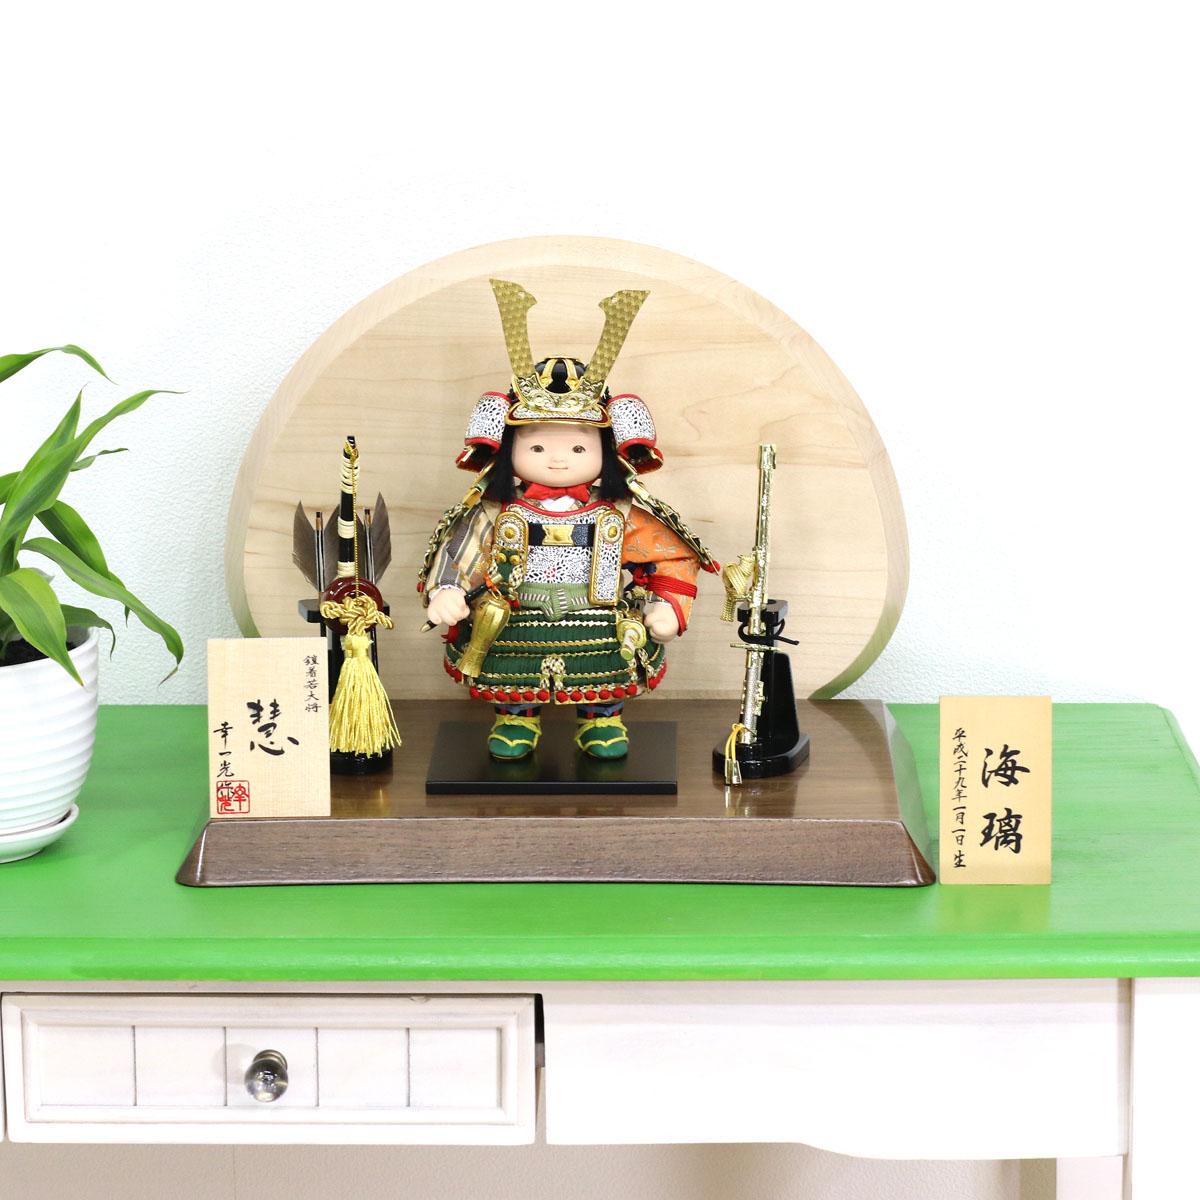 五月人形 幸一光 子供大将飾り 慧 (けい) 鎧着 高級木材使用 飾り台・衝立セット ≪GOKI-KEI-NO-15≫コンパクト おしゃれ 子供大将飾り 武者人形 子供大将飾り 五月人形